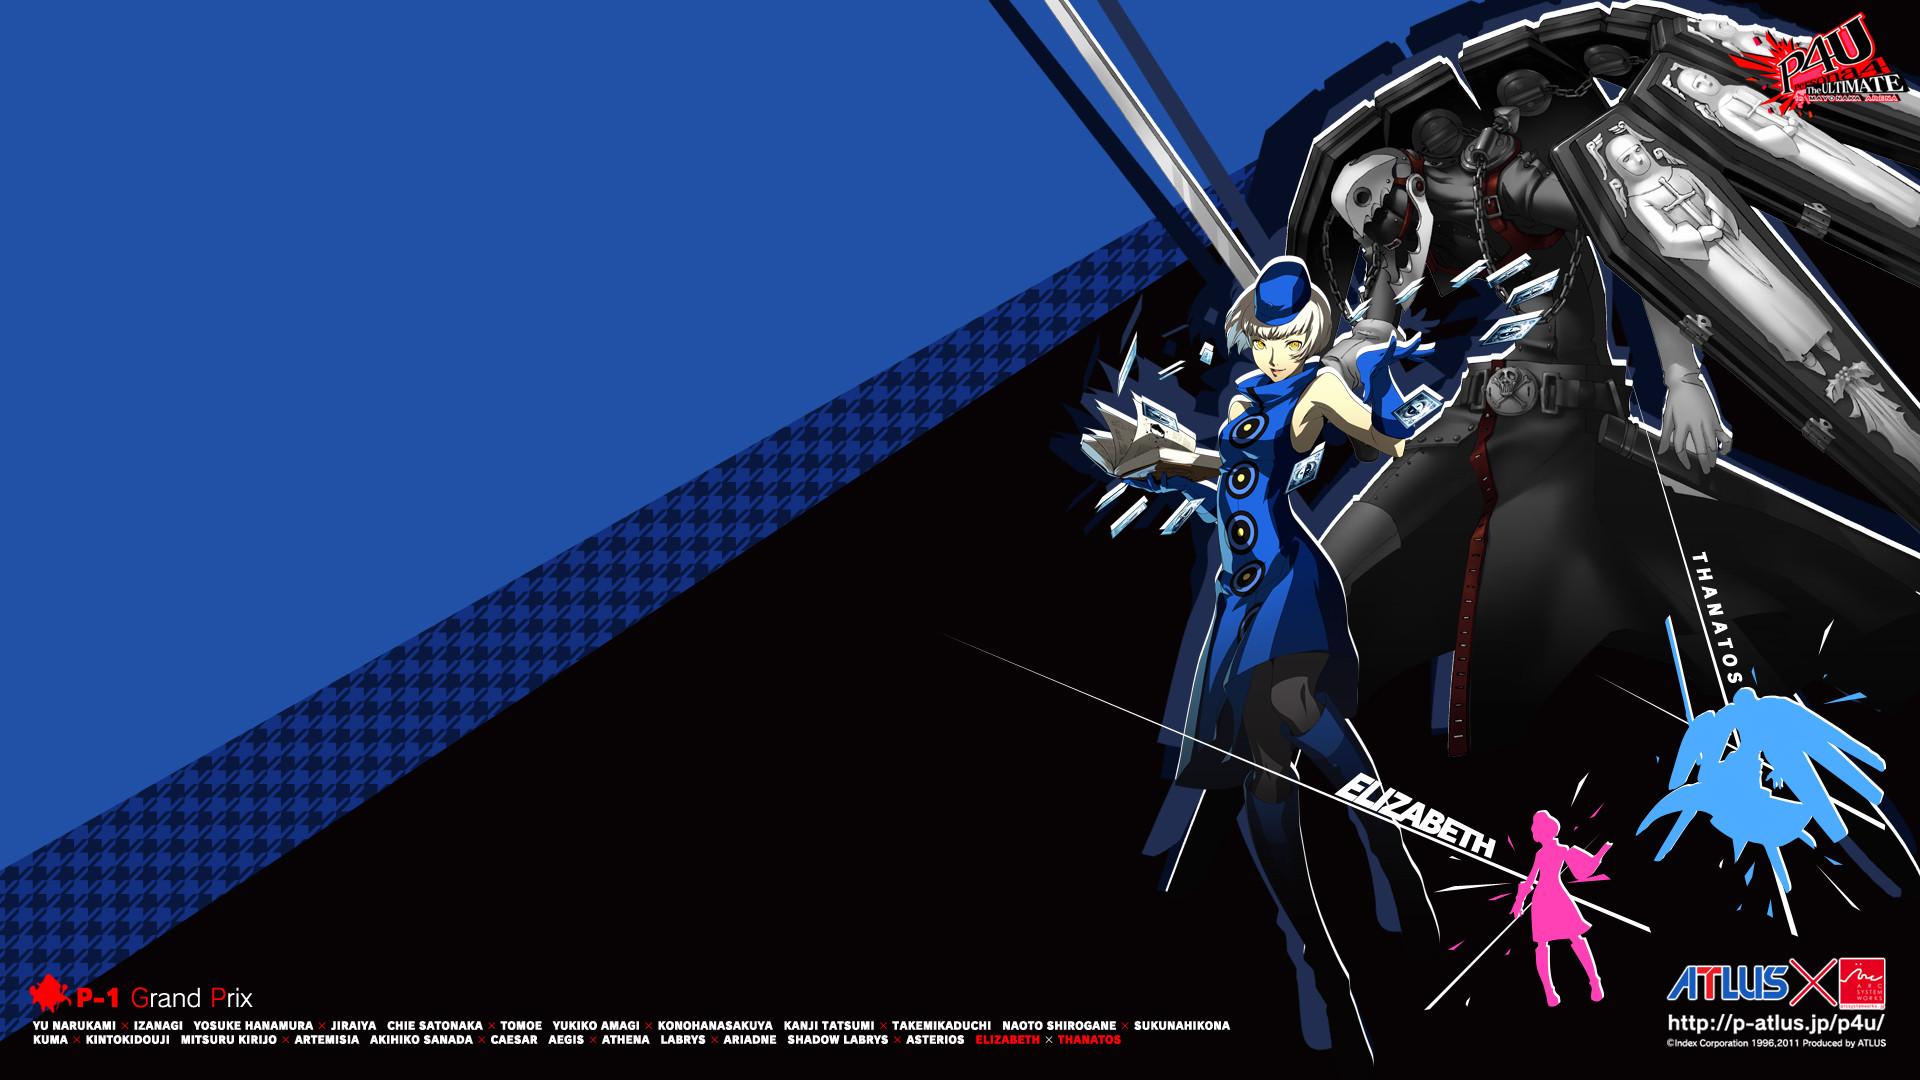 Book Chain Elizabeth Persona Persona 3 Persona 4 Sword